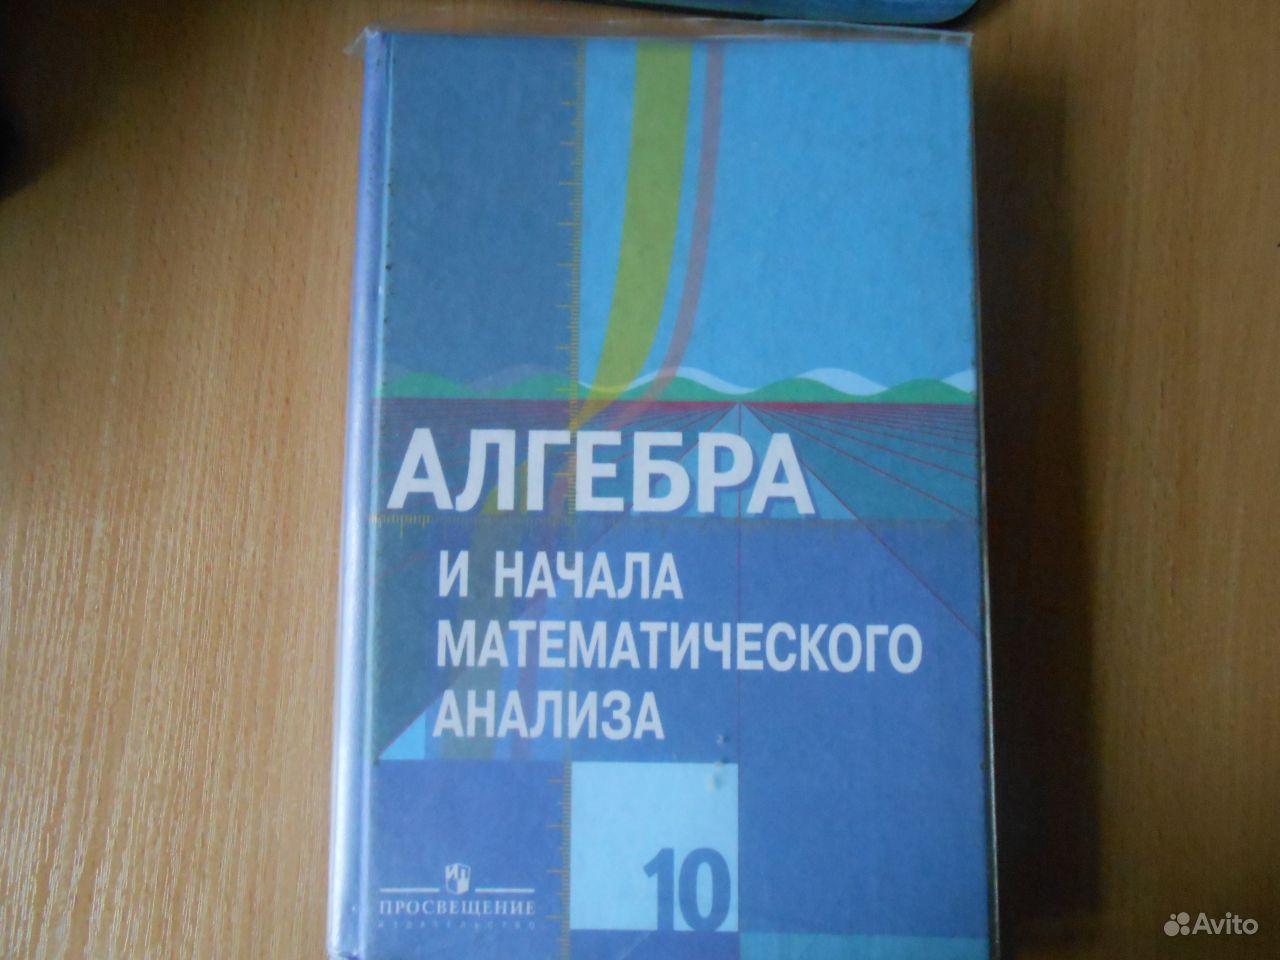 гдз алгебра под редакцией жижченко